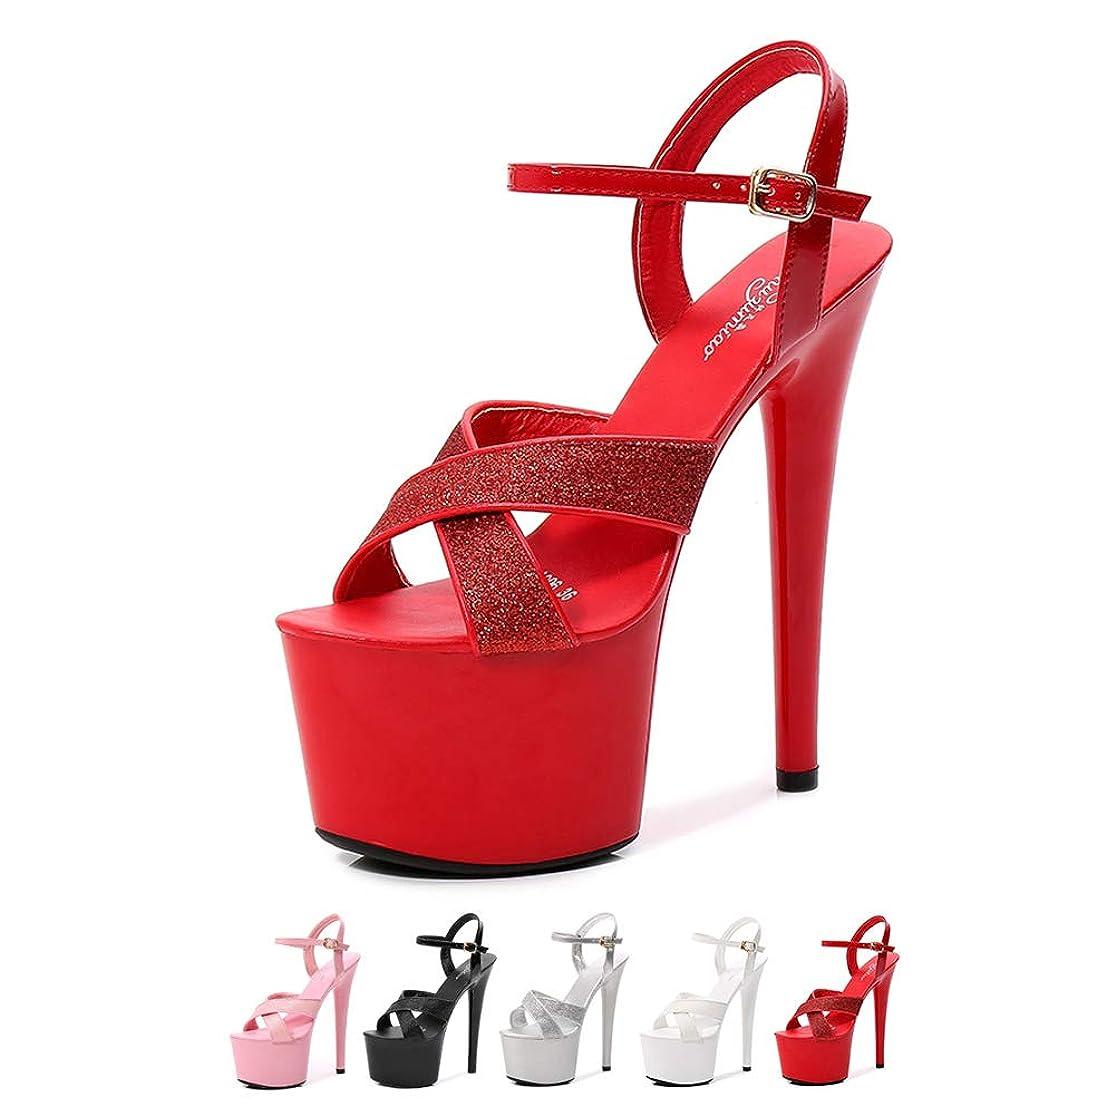 ショルダー旋回免疫するハイヒールプラットフォームストリッパーセクシーなラップポールダンスミュール靴、セクシーな防水サンダル,Red17cm,43